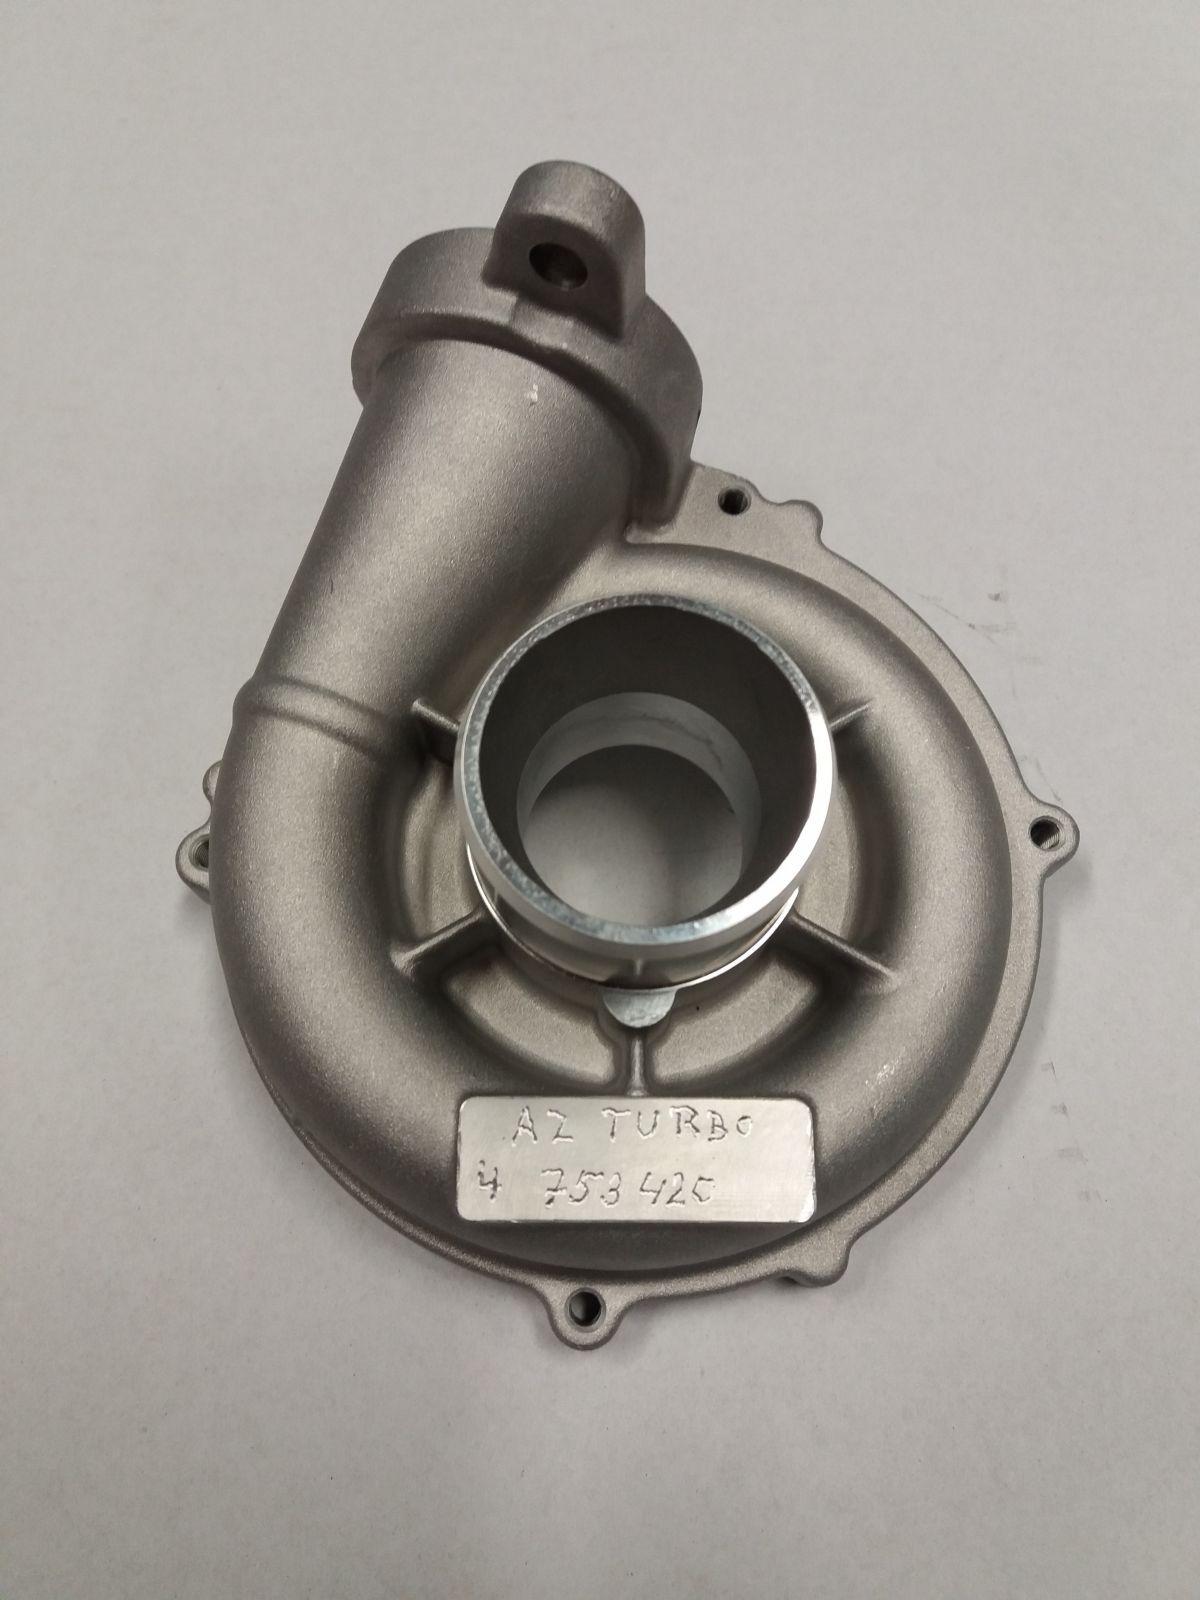 Sací komora turbodmychadla Ford C-MAX 1,6TDCi, 80kW, r.v. 04-, Motor: DV6TED4 GARRETT